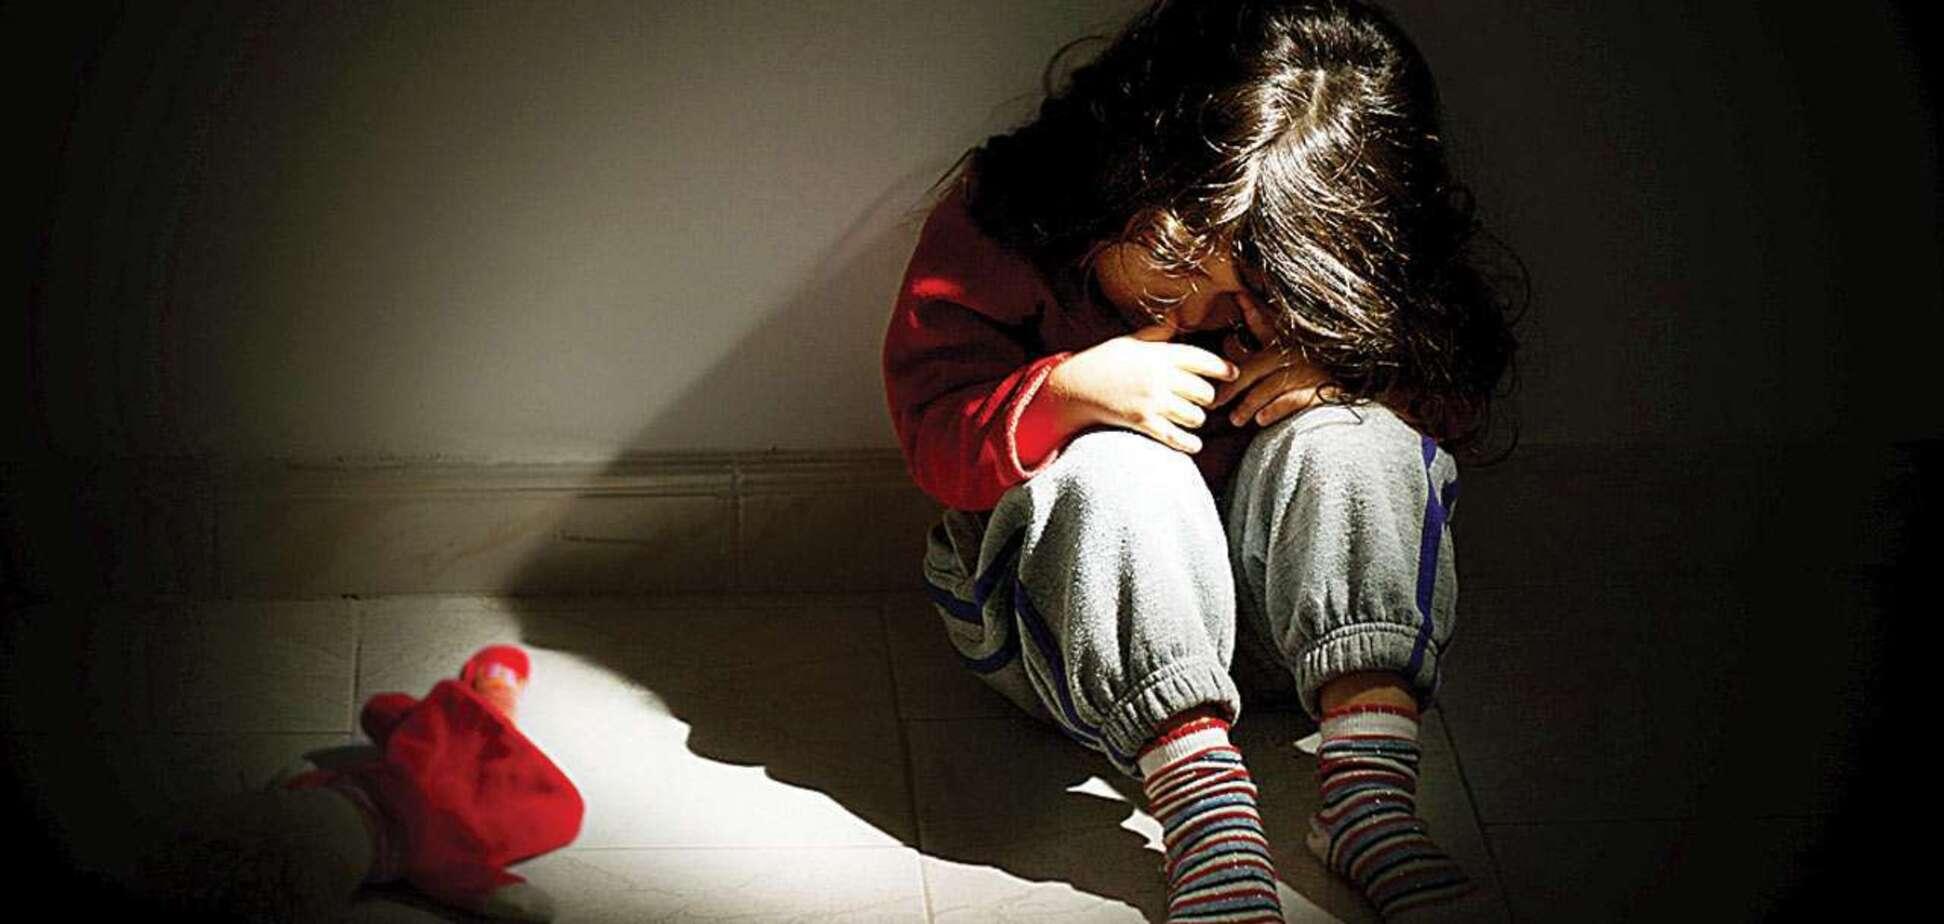 Сексуальное насилие над детьми: почему молчат дети и взрослые, которые об этом знают?